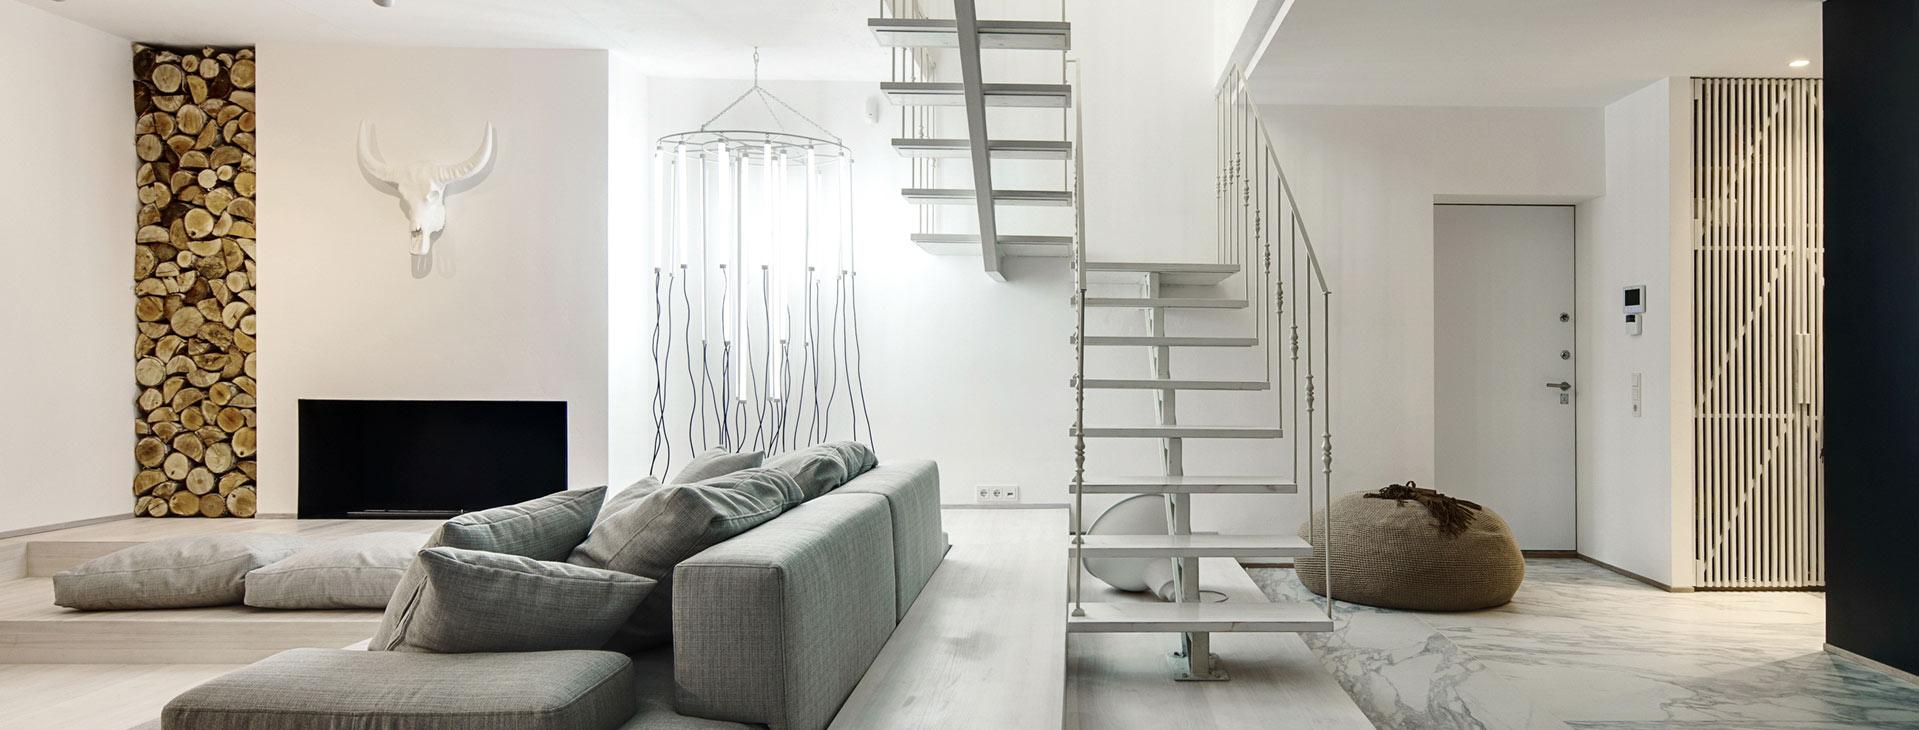 Morandi - Rivestimenti e pavimenti